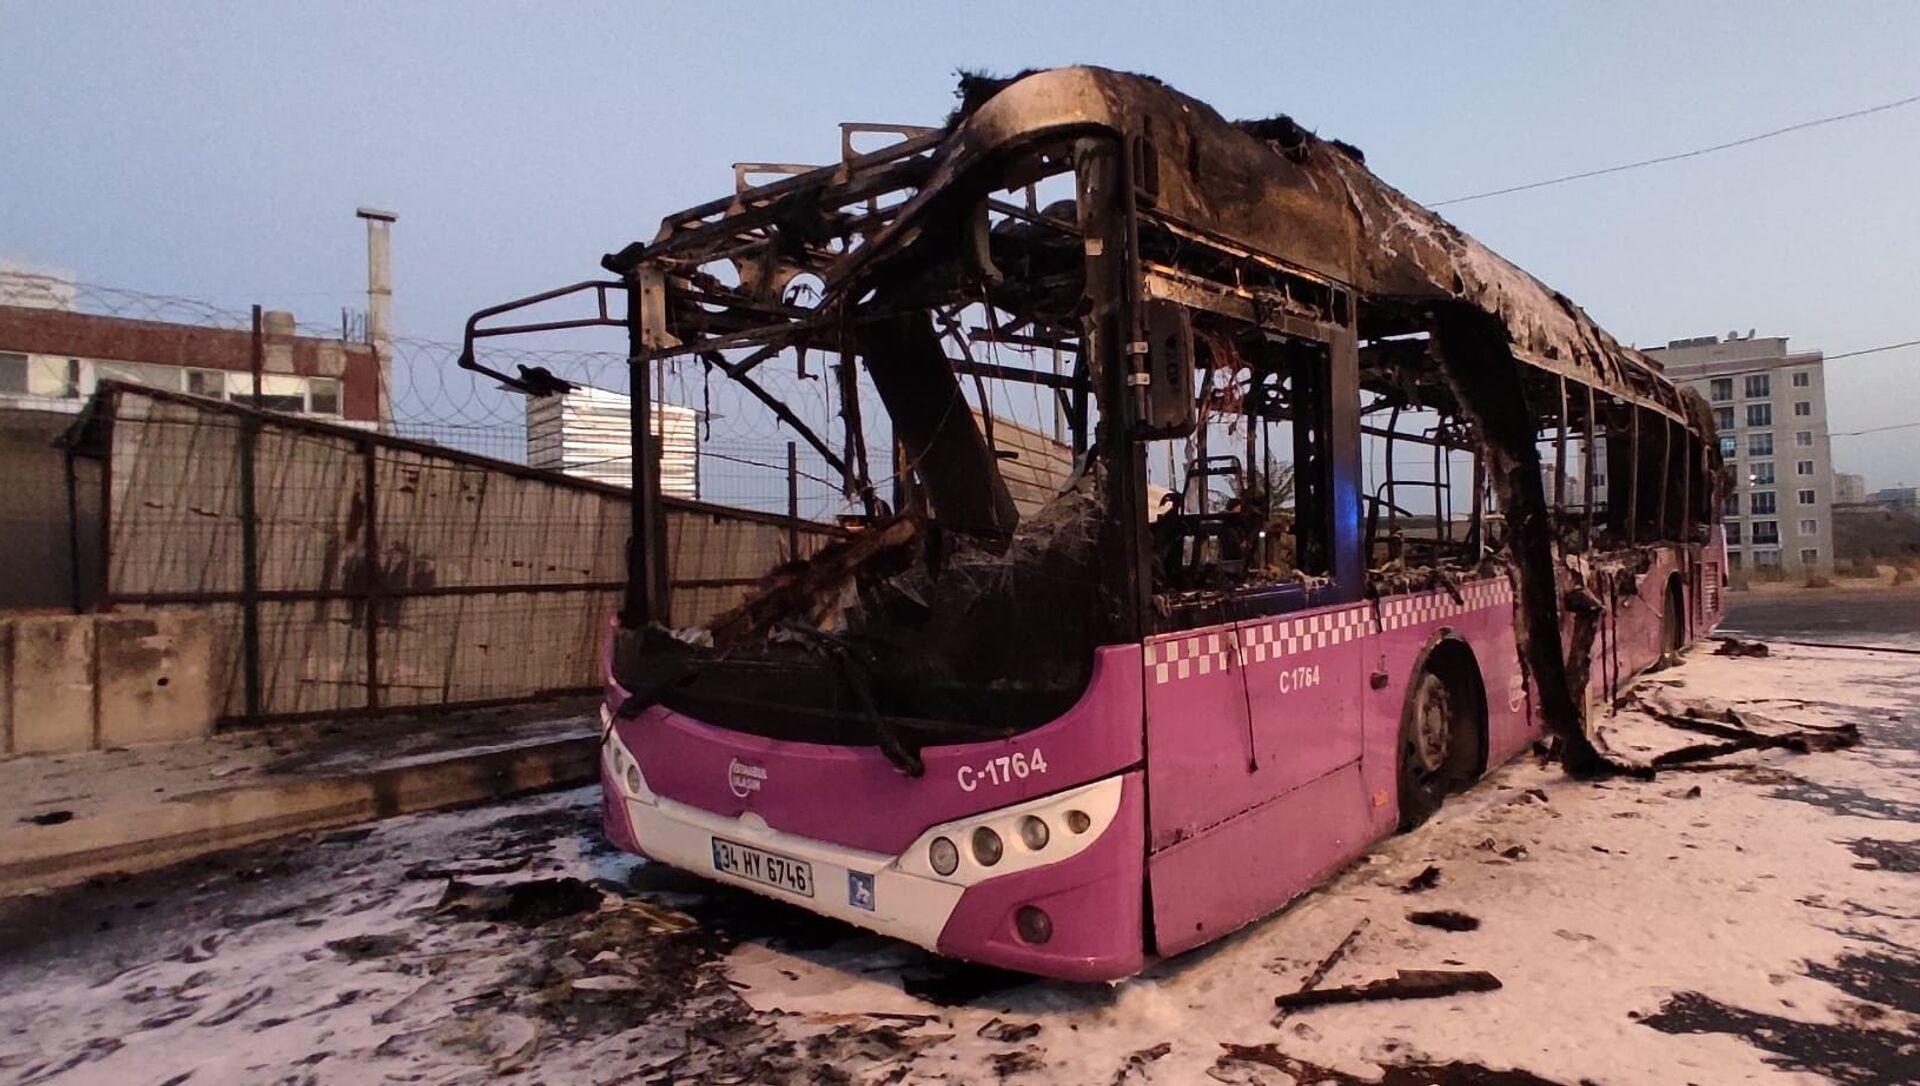 Başakşehir'de İETT otobüsü alev alev yandı - Sputnik Türkiye, 1920, 30.07.2021